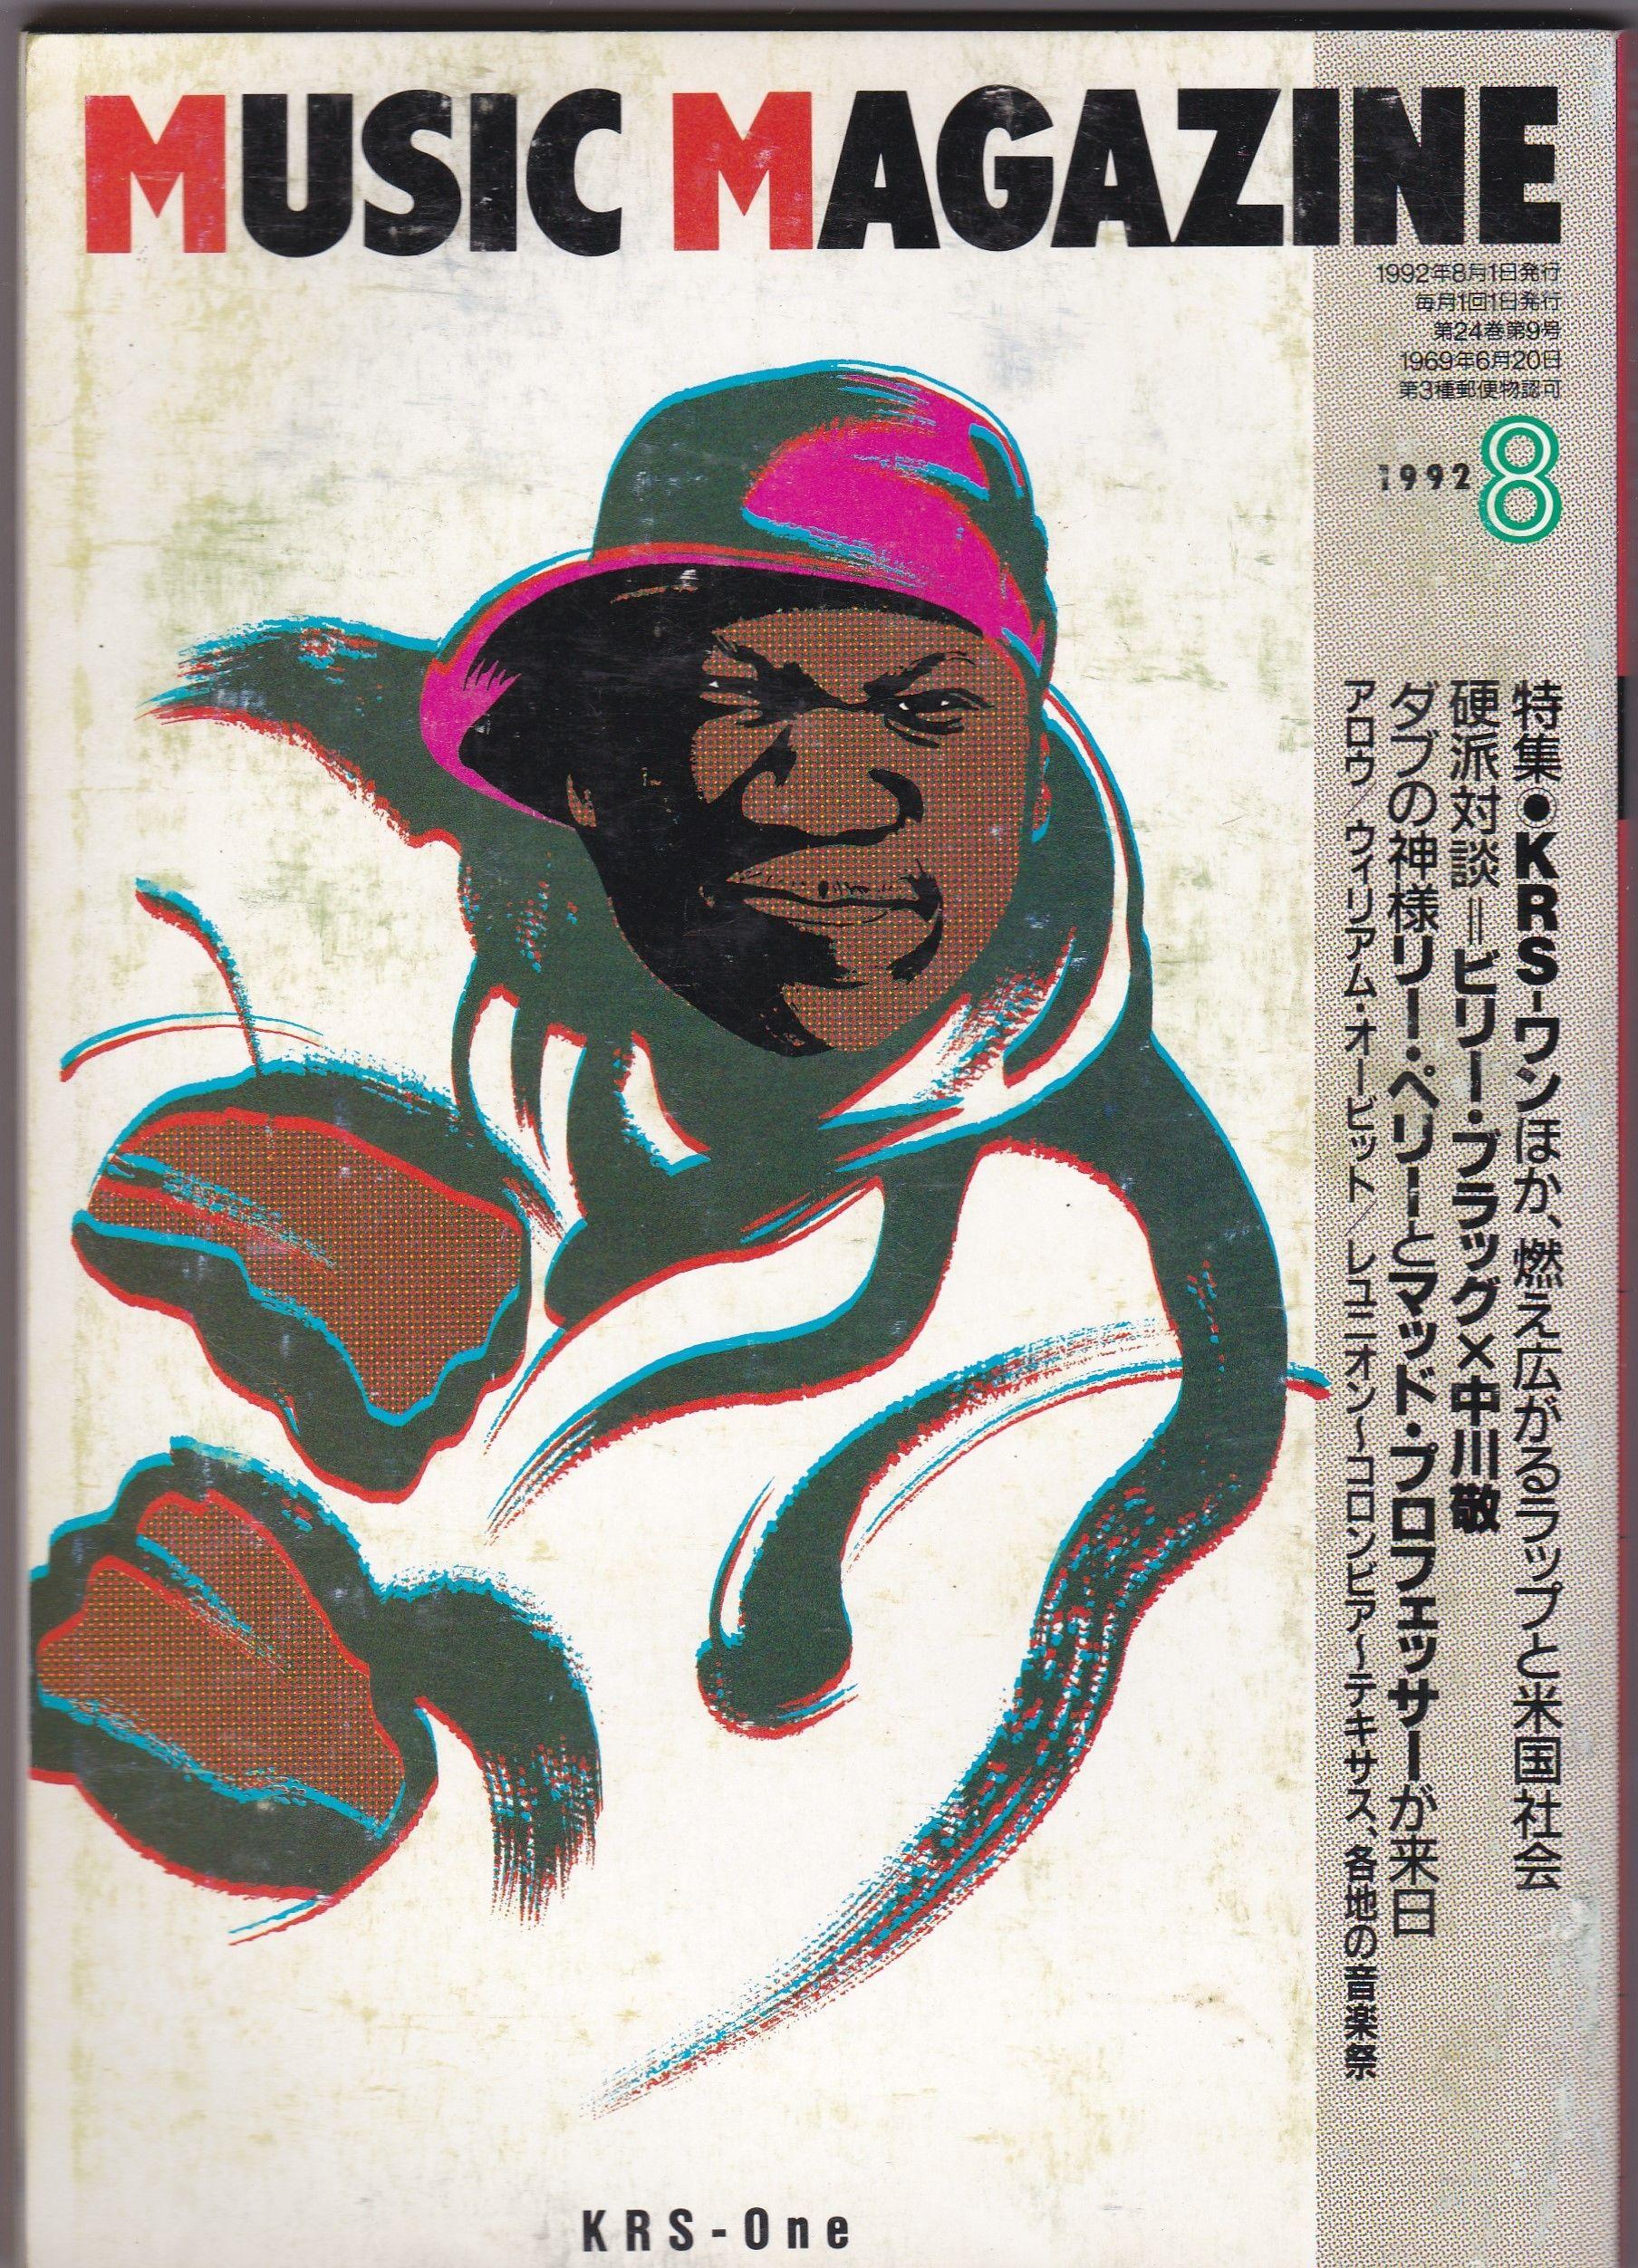 ミュージック・マガジン 1992年8月号